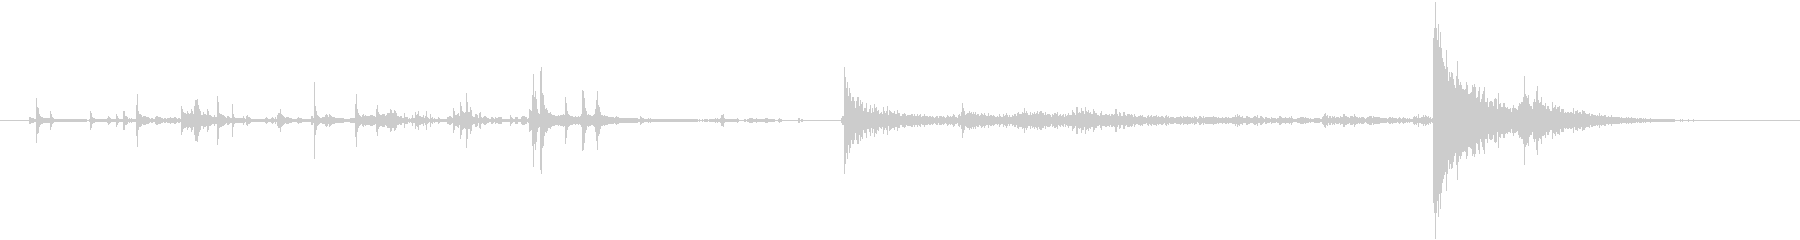 メタルセルドア:キーとスライドオー...の未再生の波形